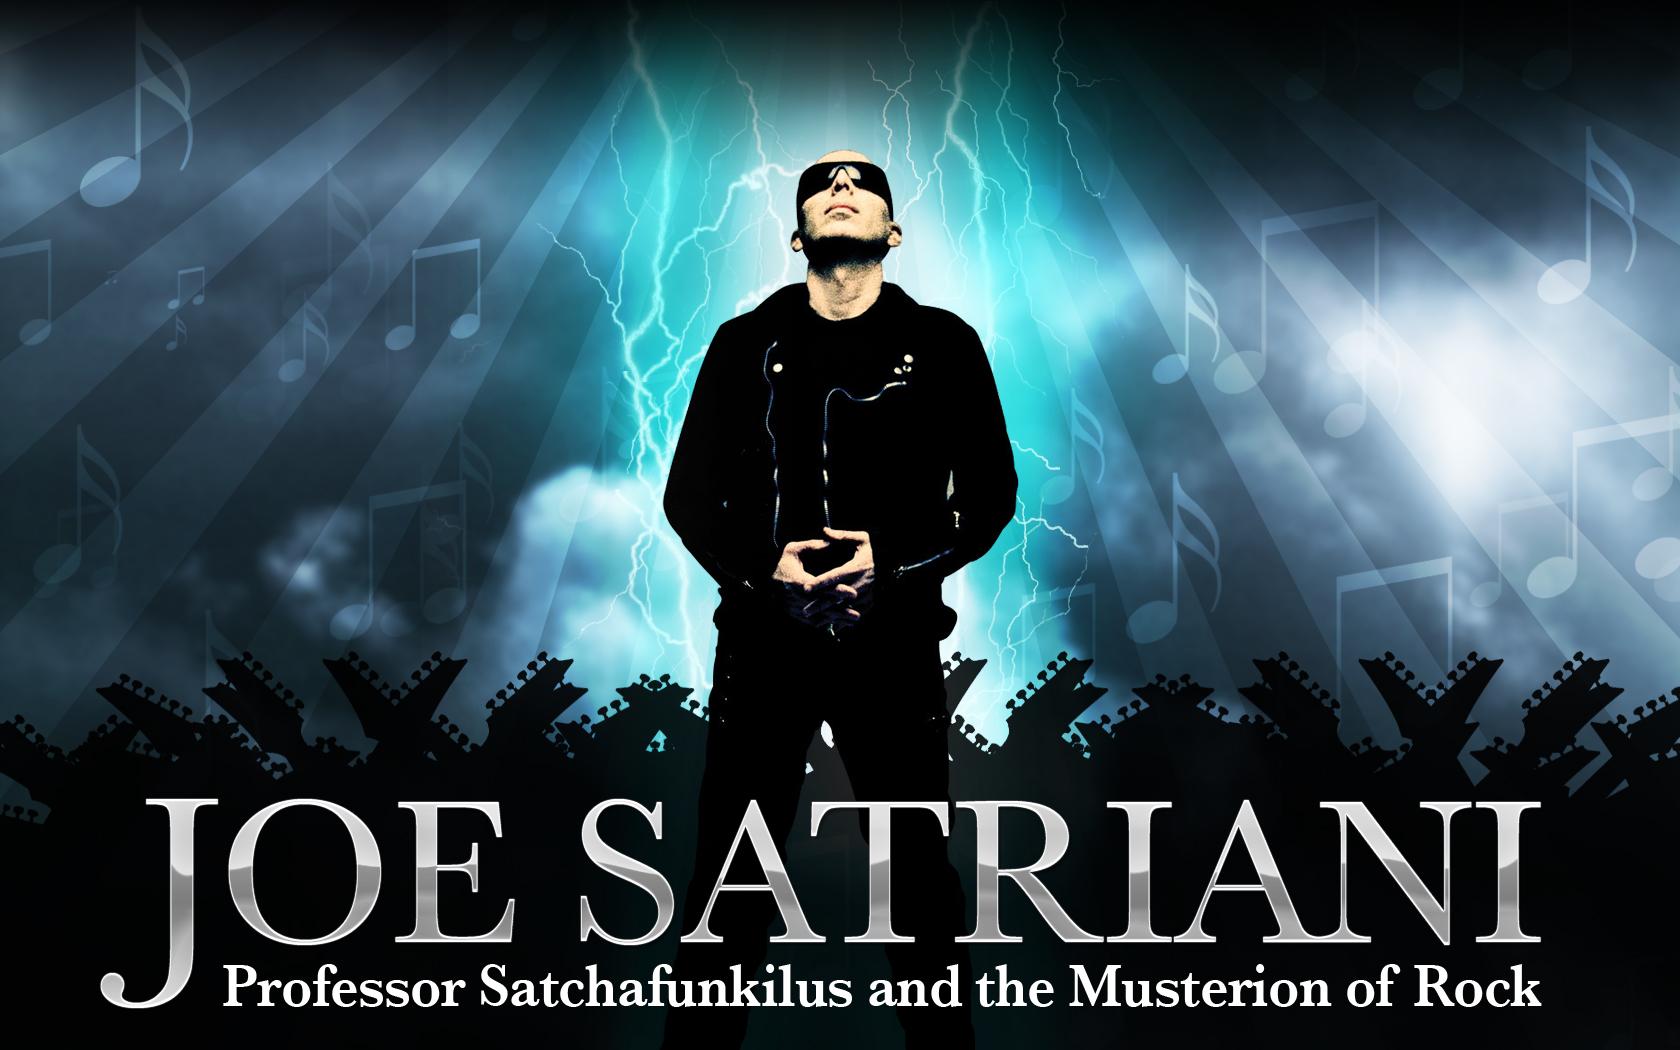 Joe Satriani Wallpaper and Background 1680x1050 ID194123 1680x1050